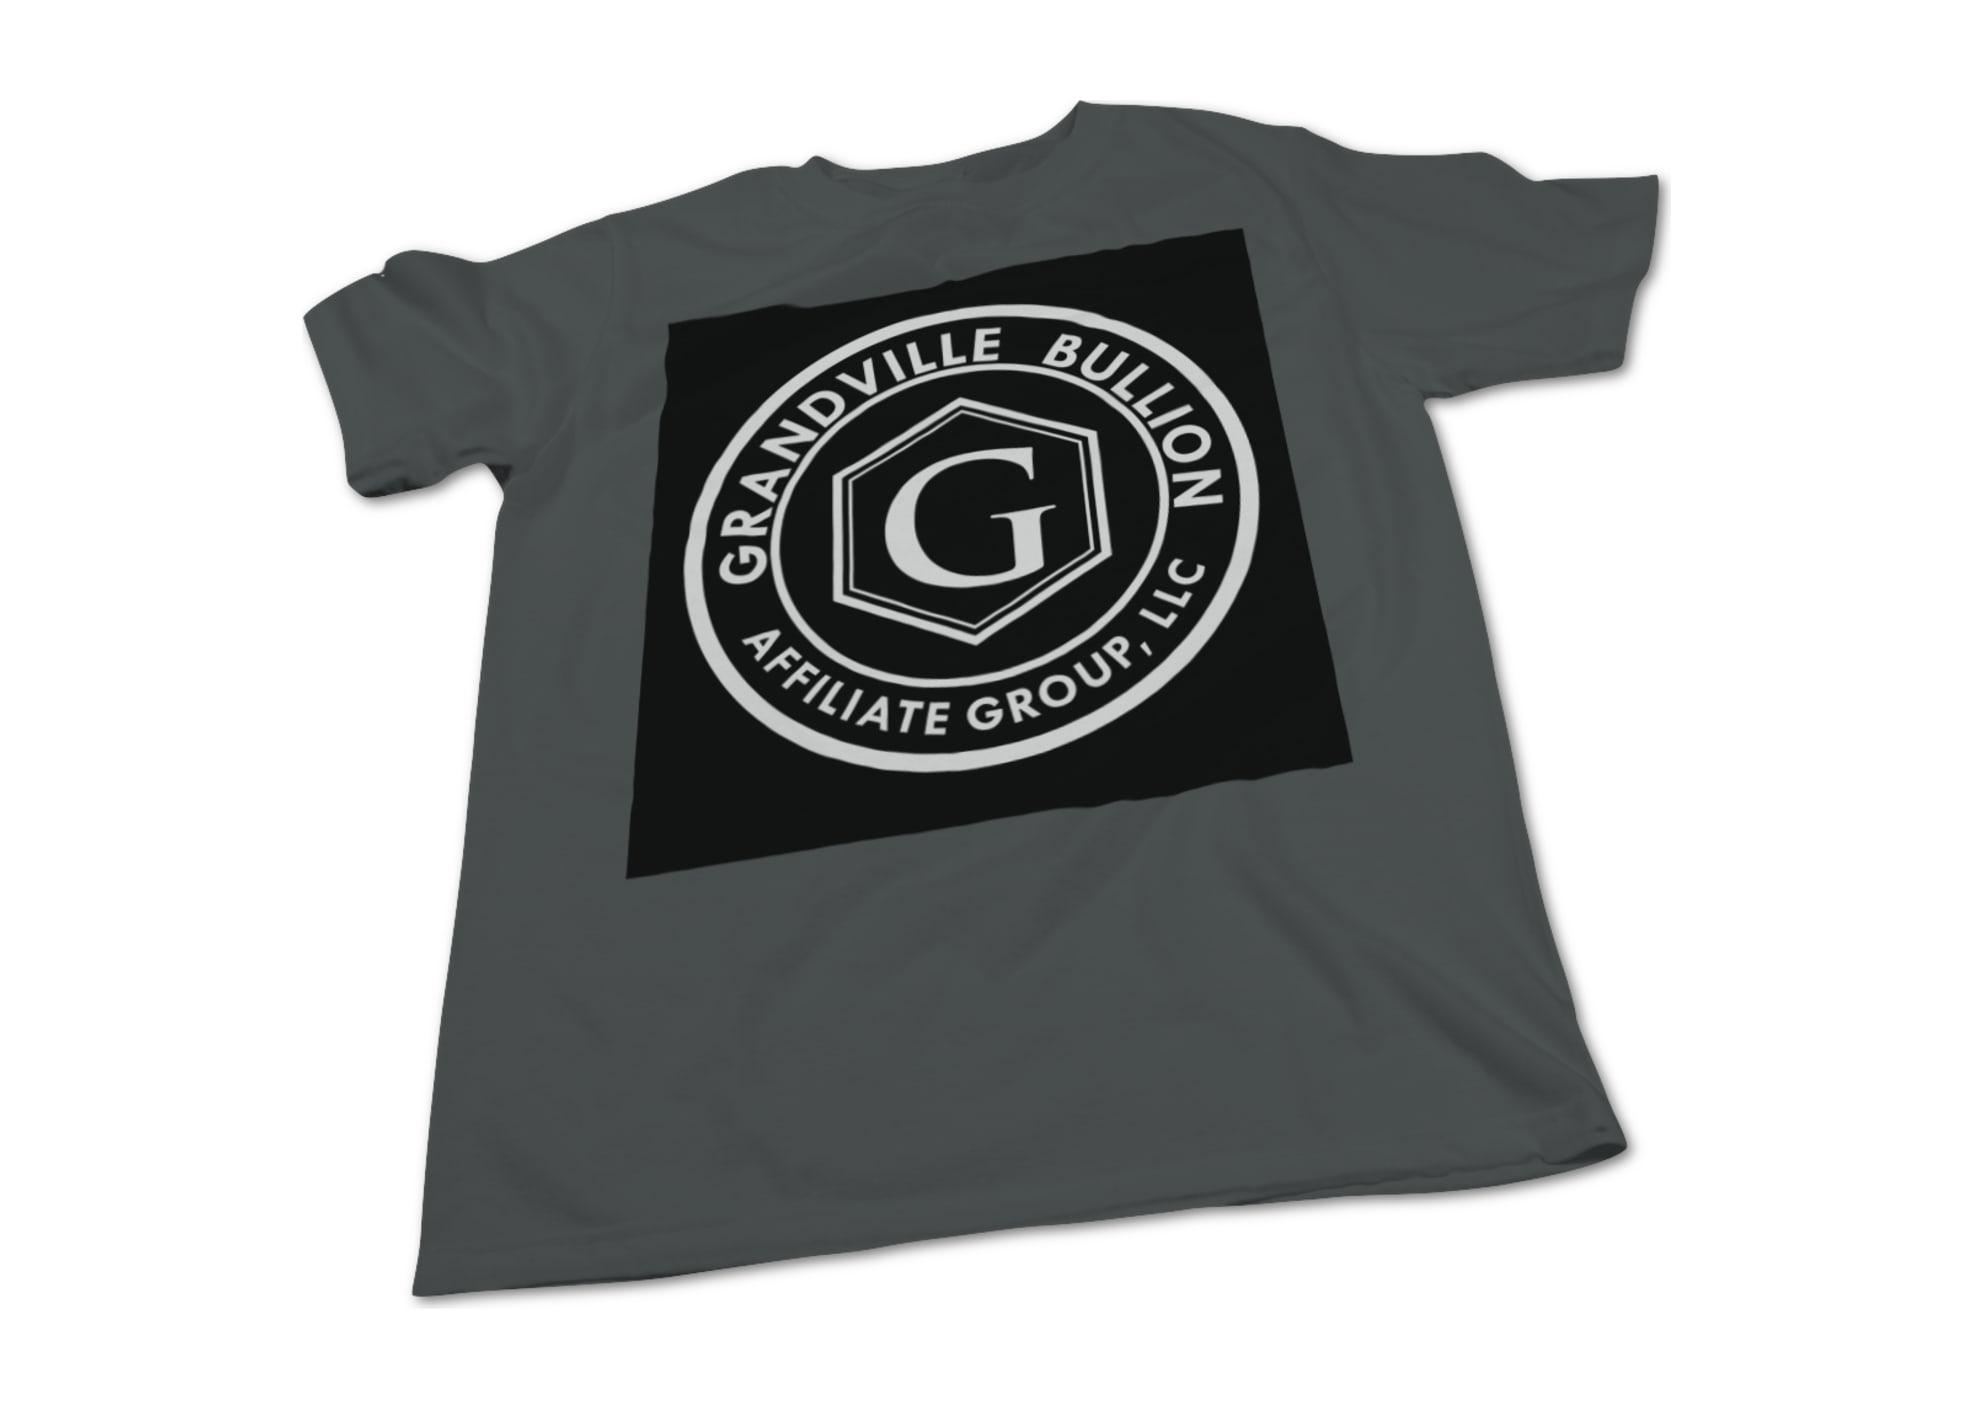 Grandville bullion group llc black and white logo 1629988597